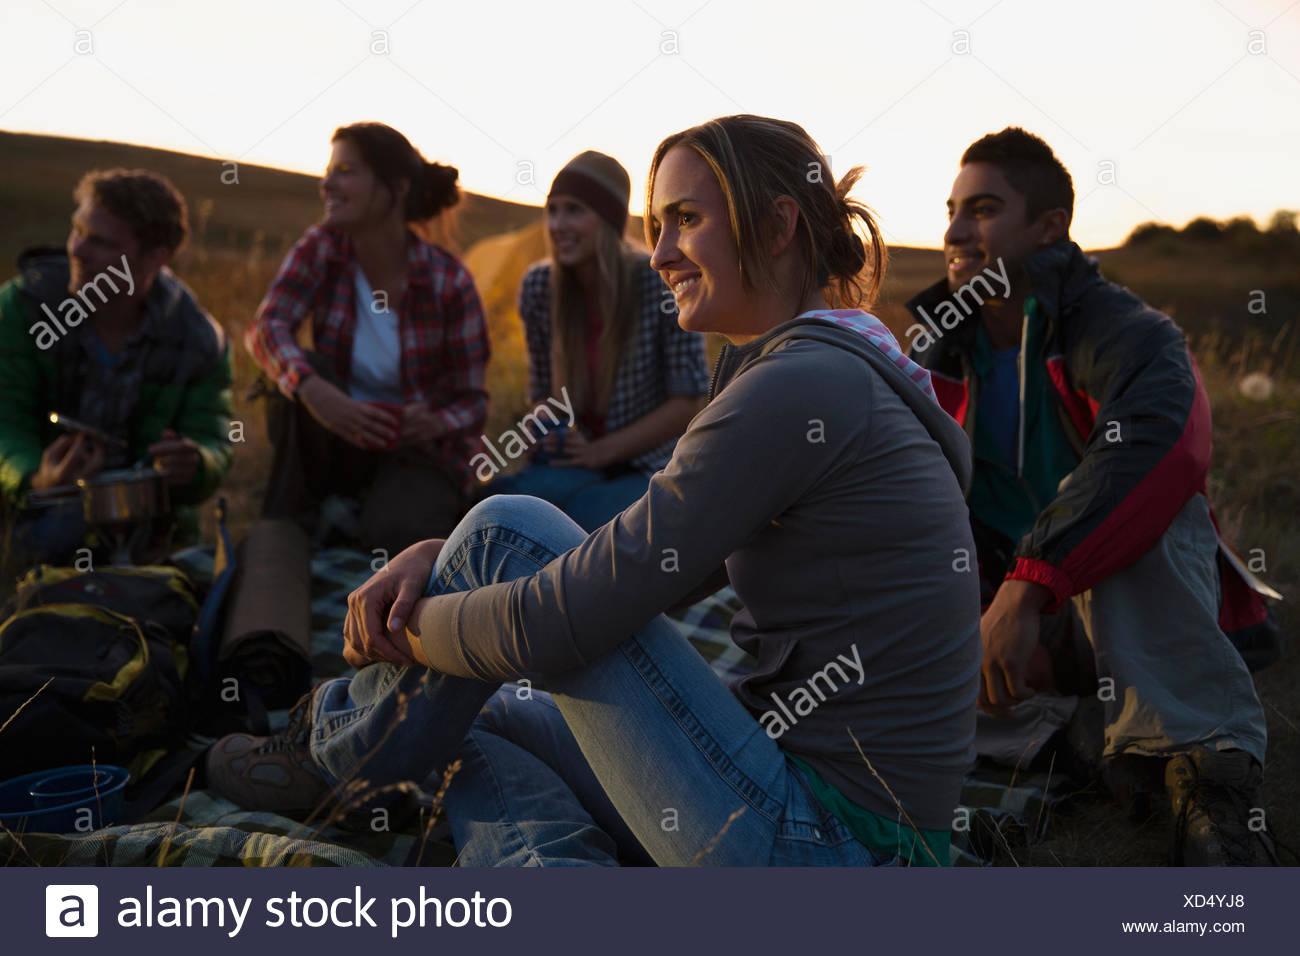 Freunde im Freien sitzen in der Abenddämmerung. Stockbild